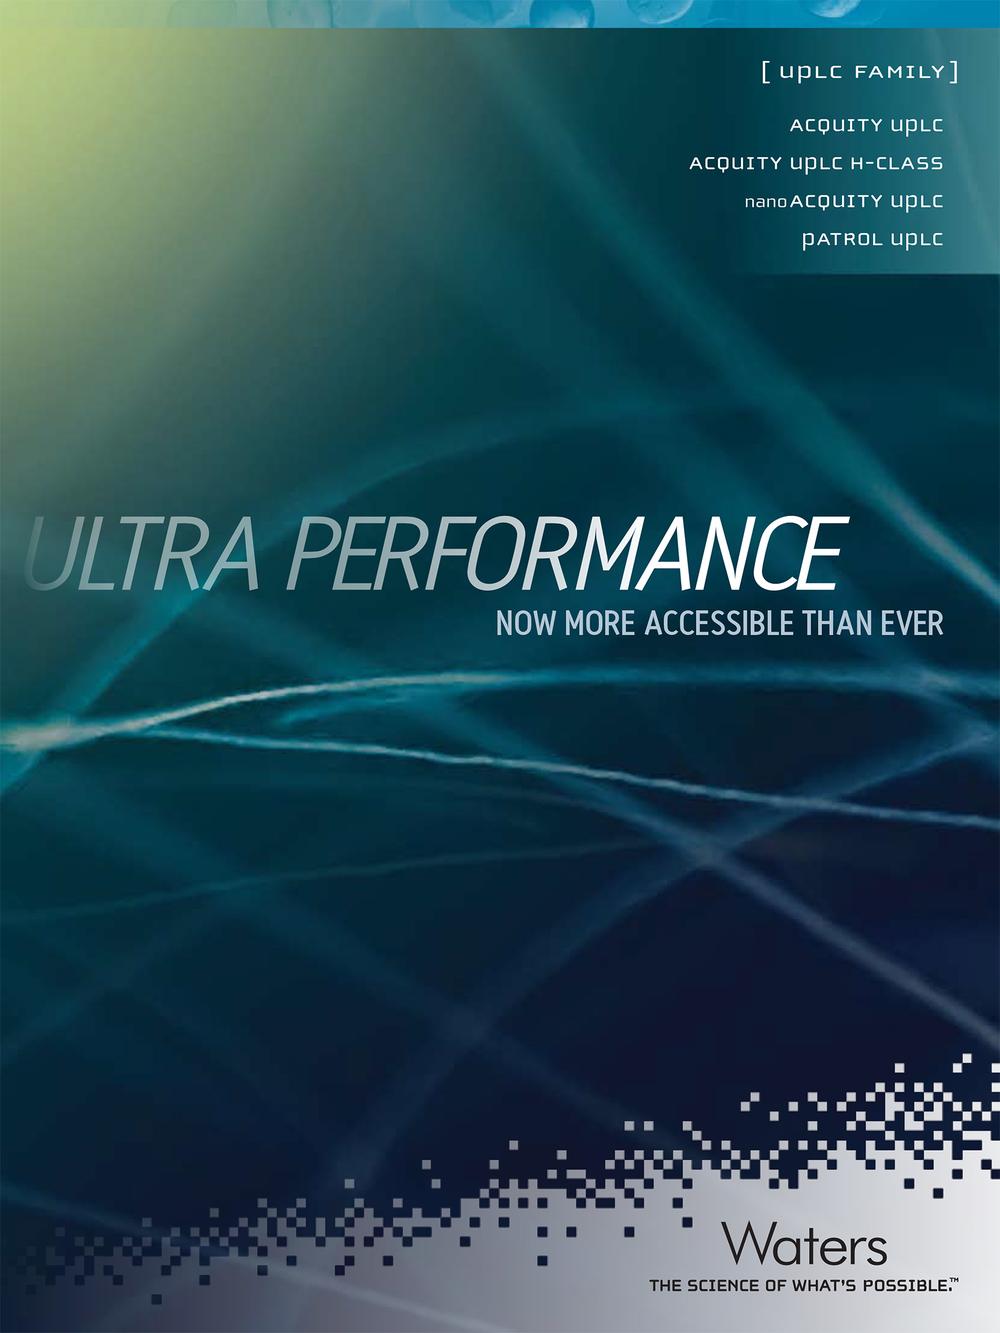 UPLC Family Brochure